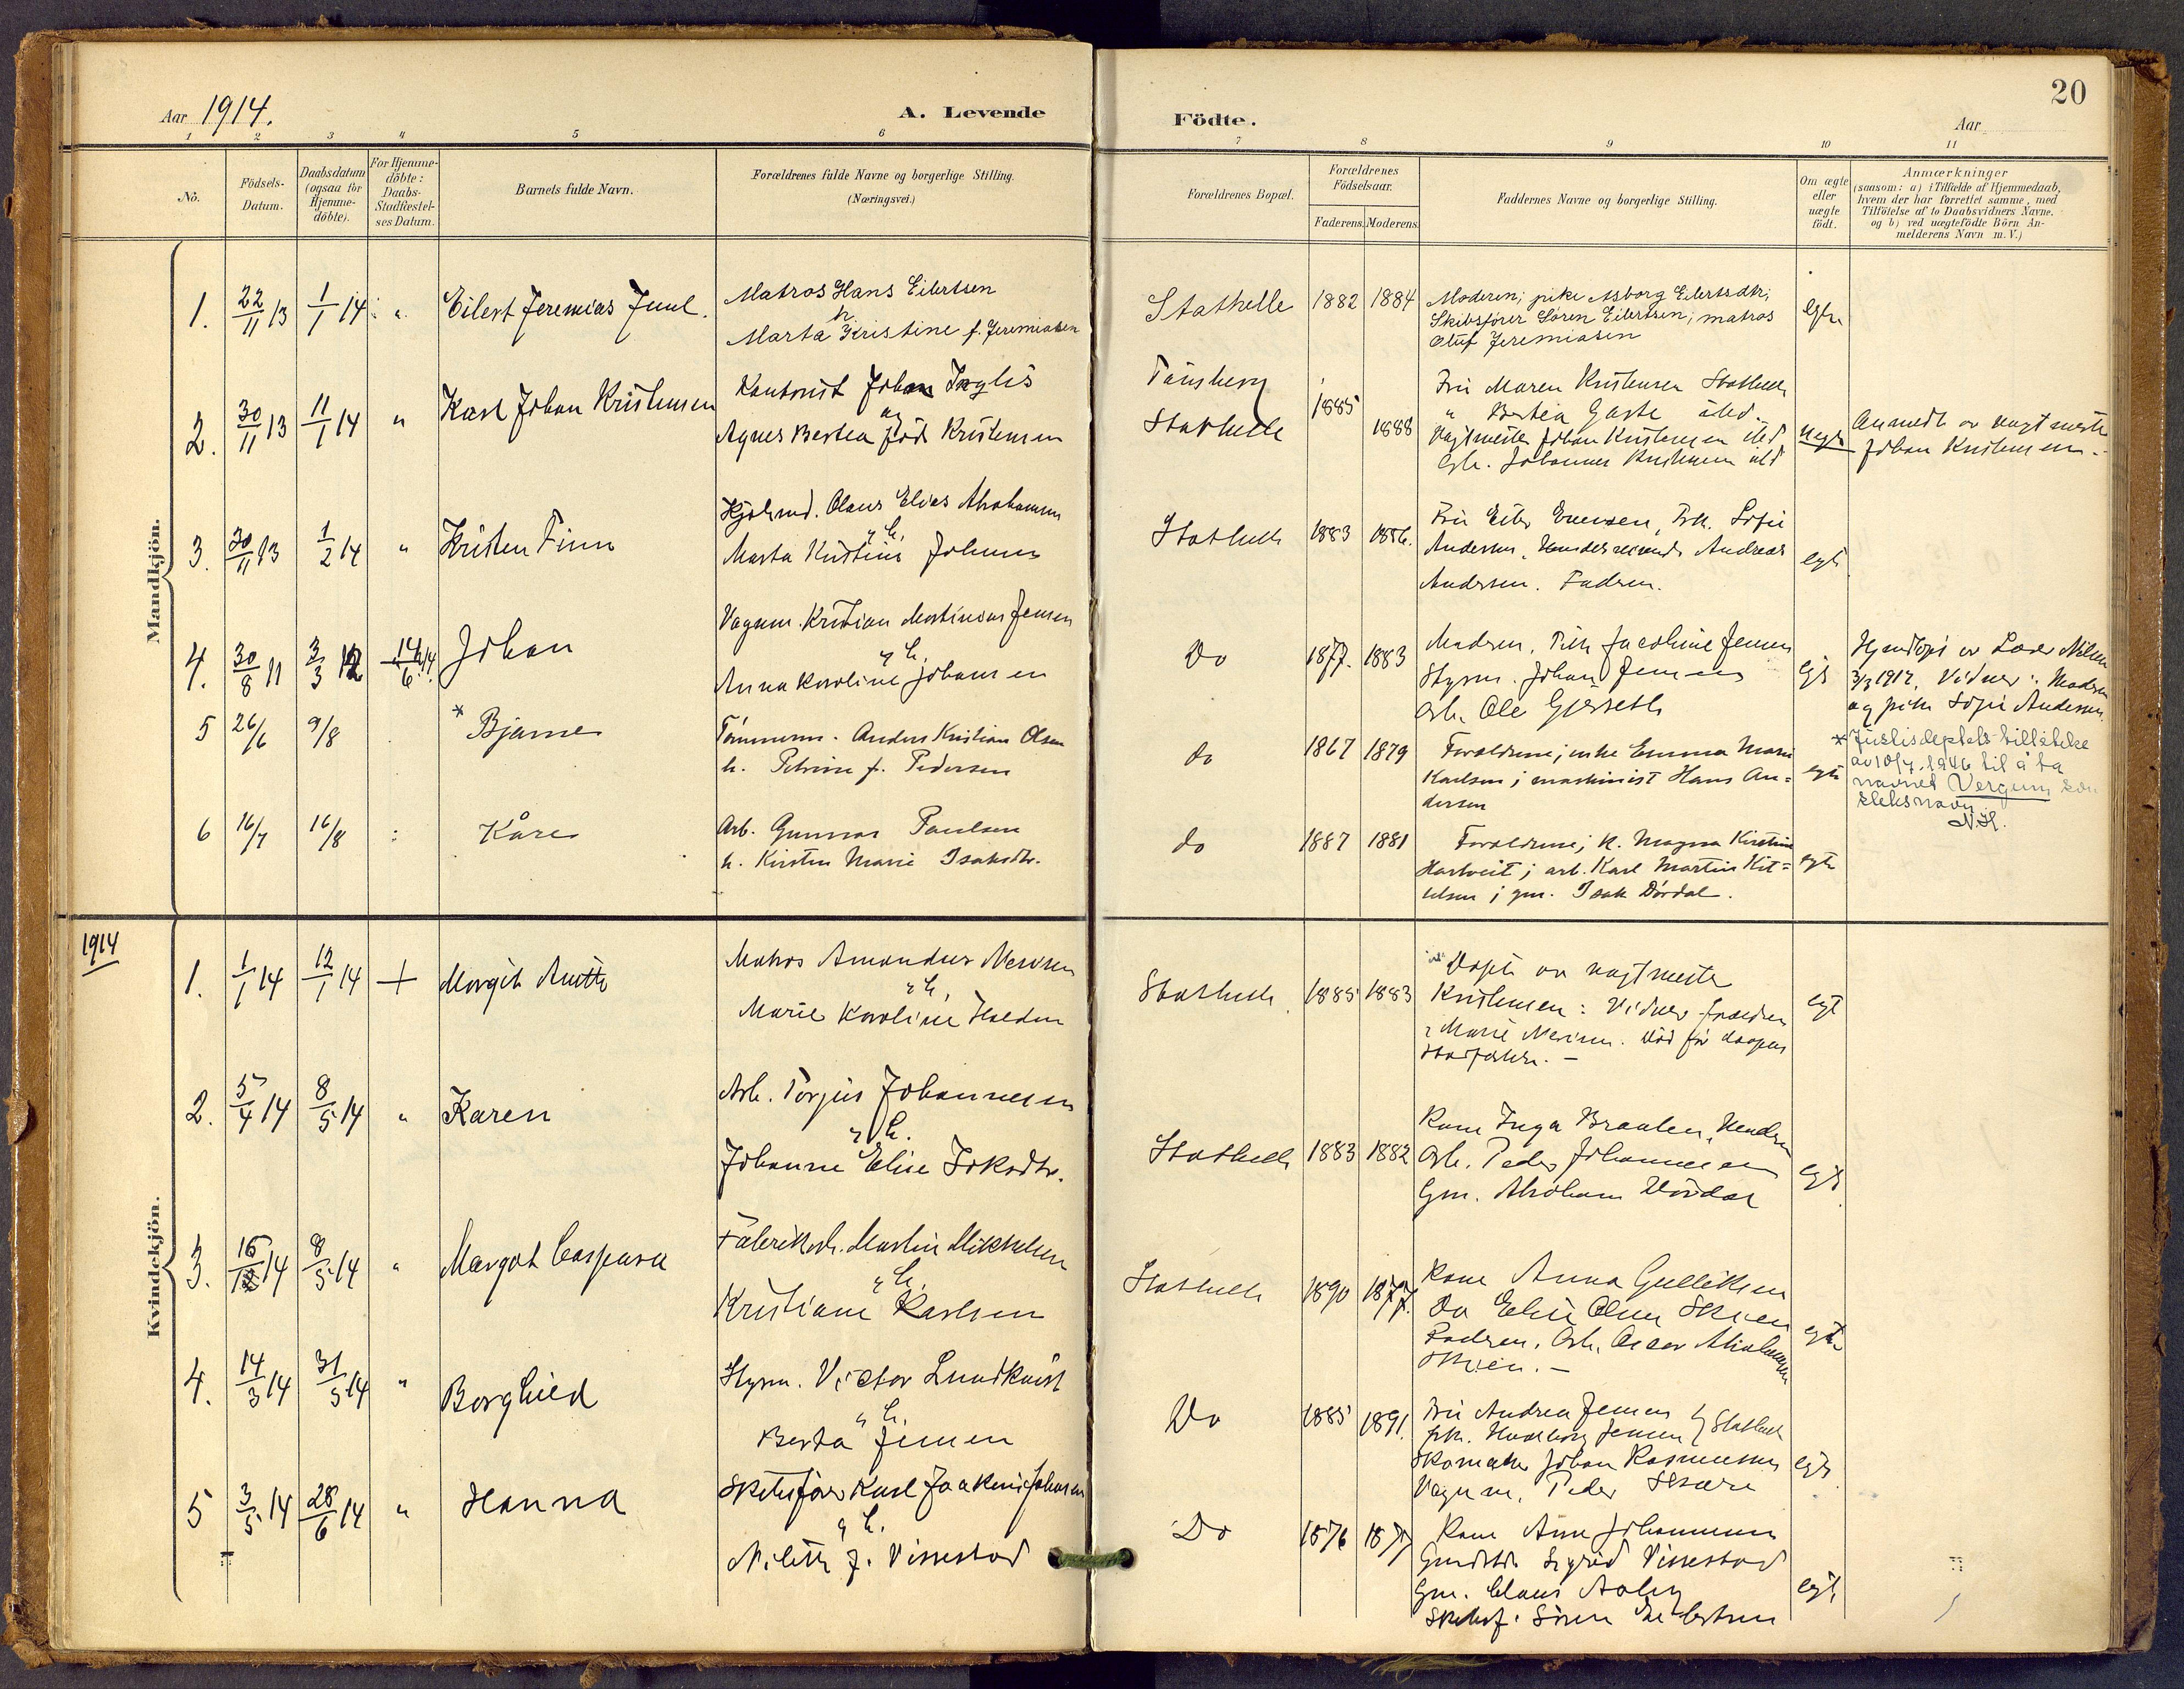 SAKO, Bamble kirkebøker, F/Fb/L0002: Ministerialbok nr. II 2, 1900-1921, s. 20